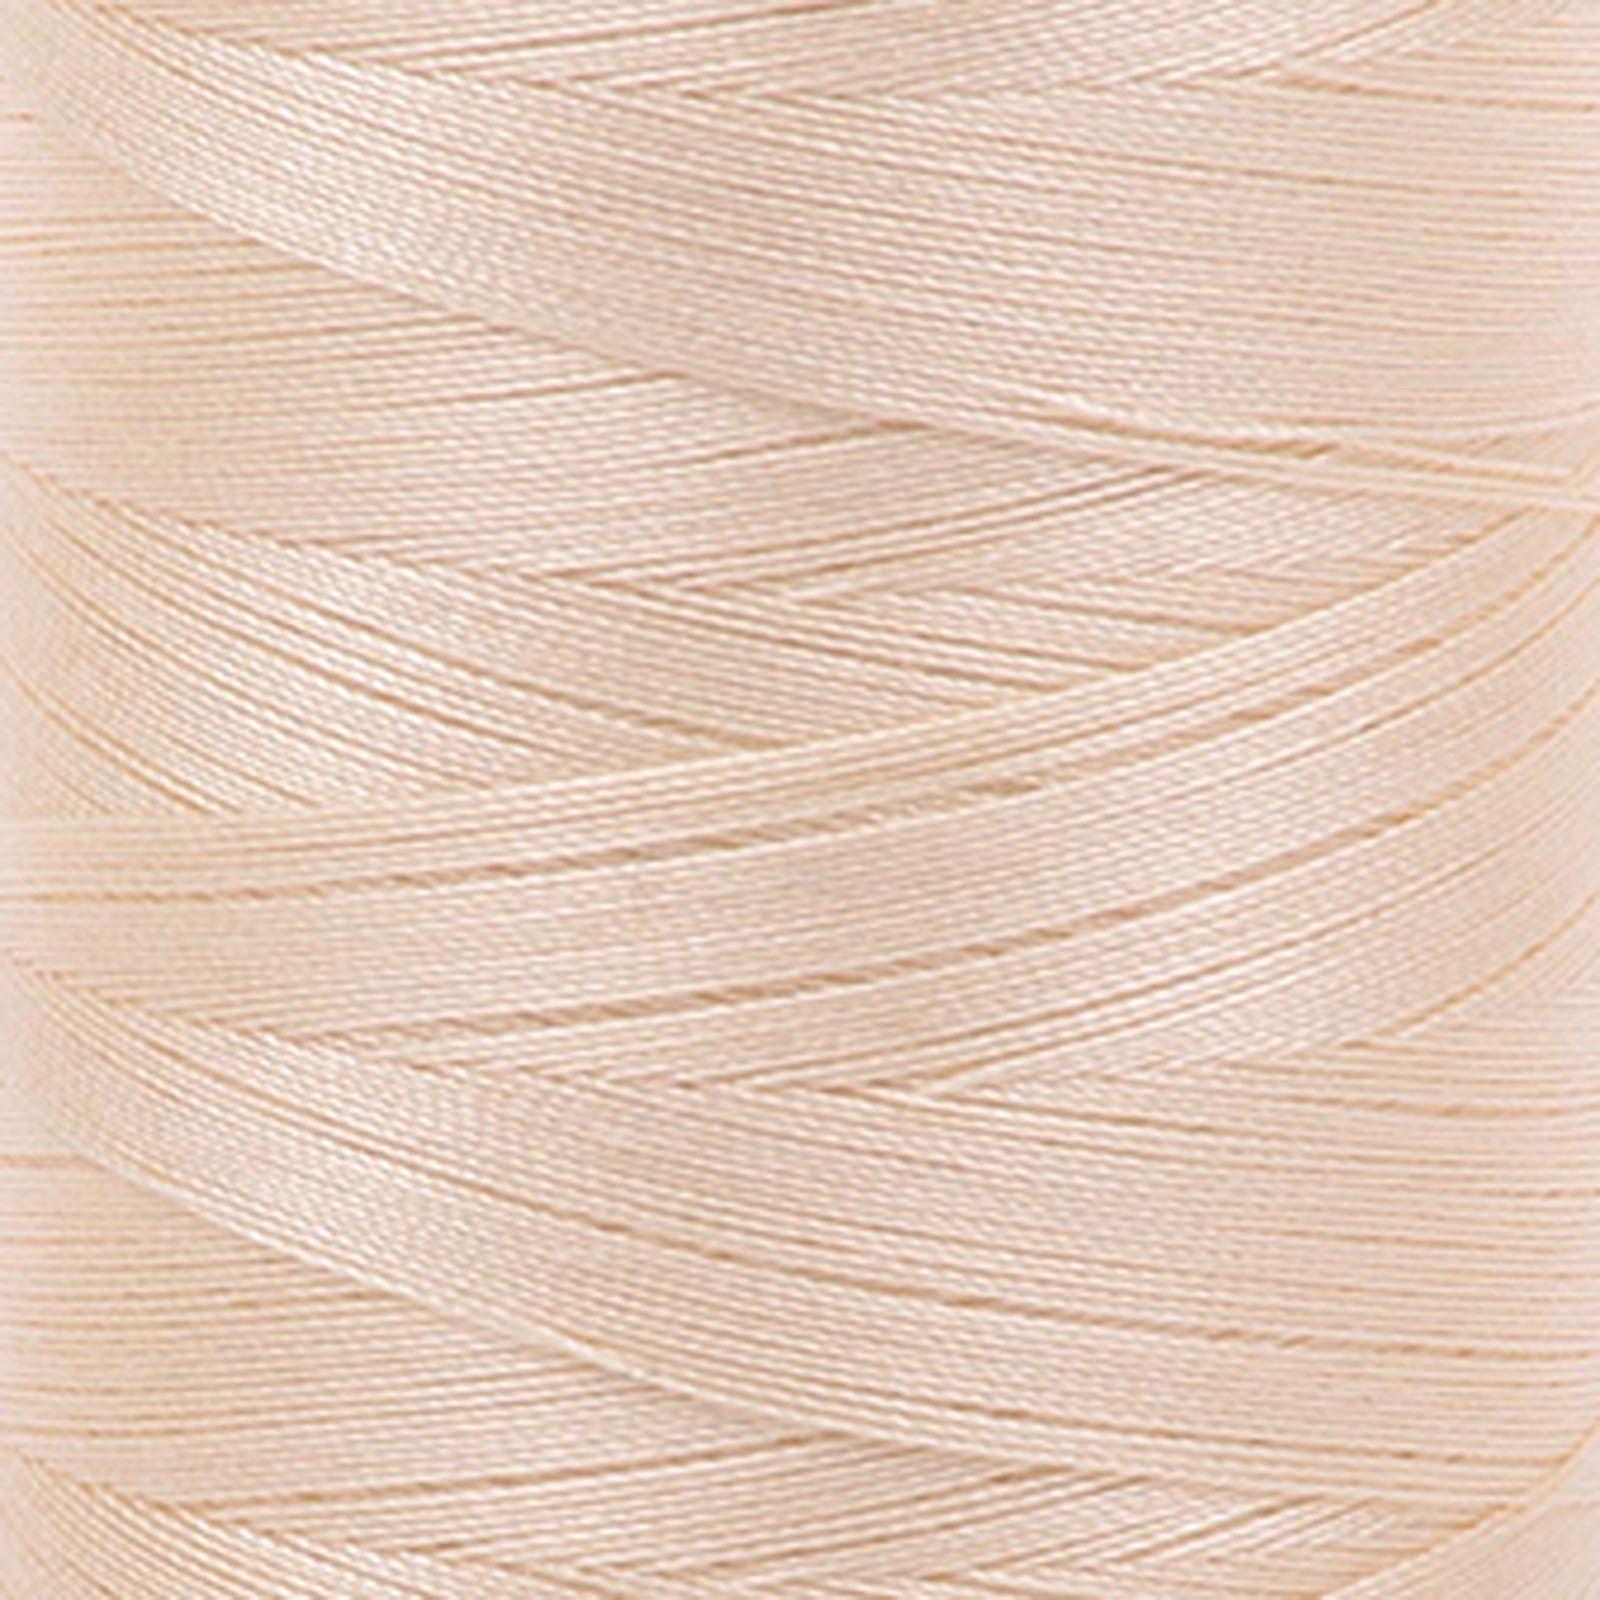 Aurifil Cotton 2123 50wt 220 yds